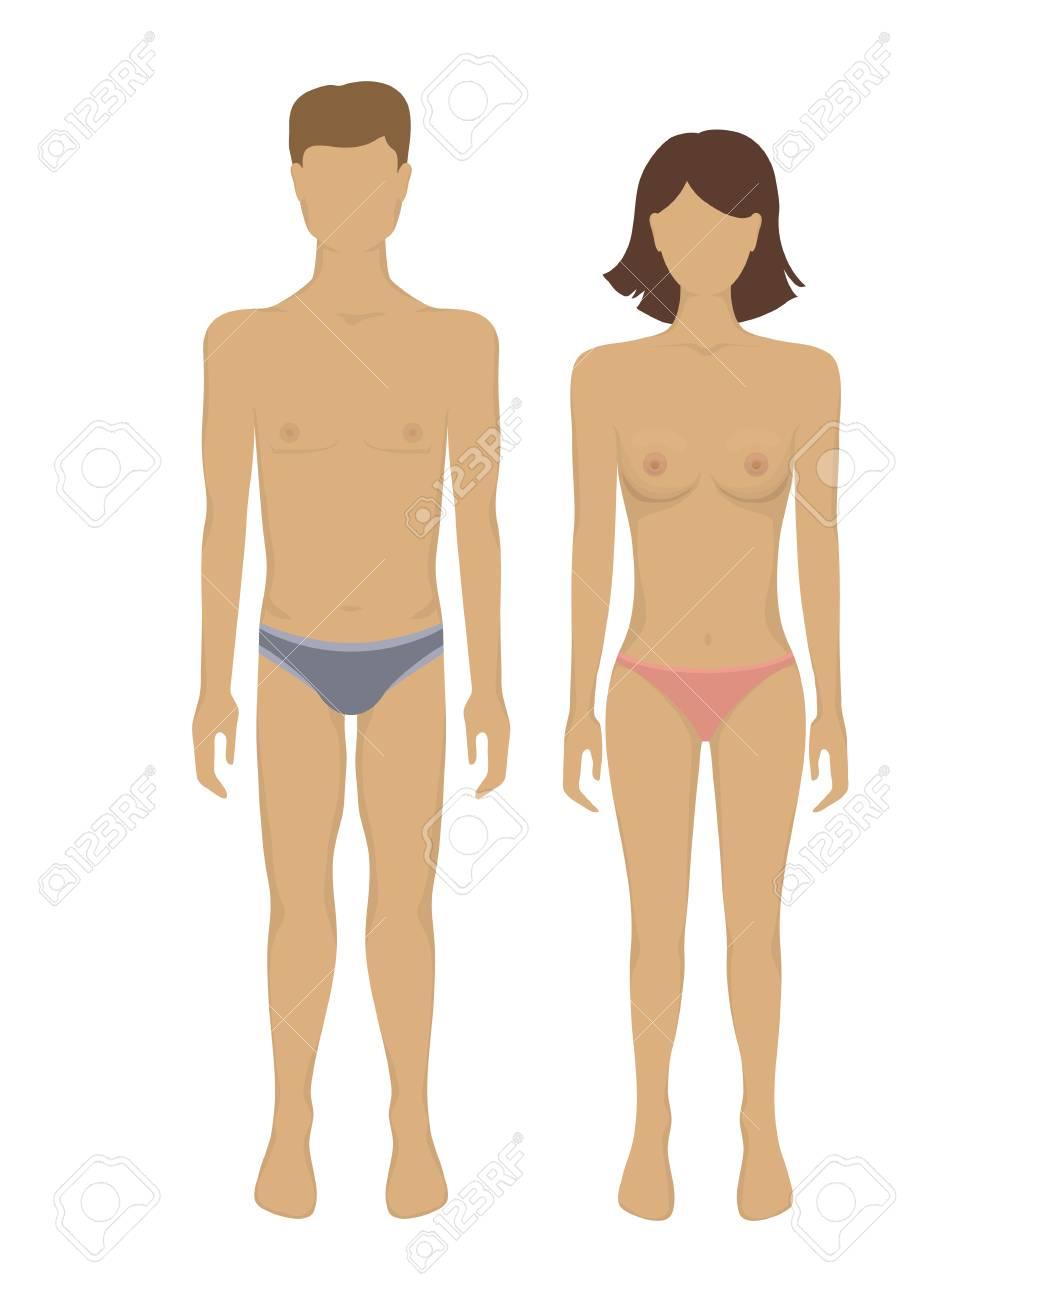 Mann Und Frau Körper. Vektor-Illustration Mit Weiblichen Und ...